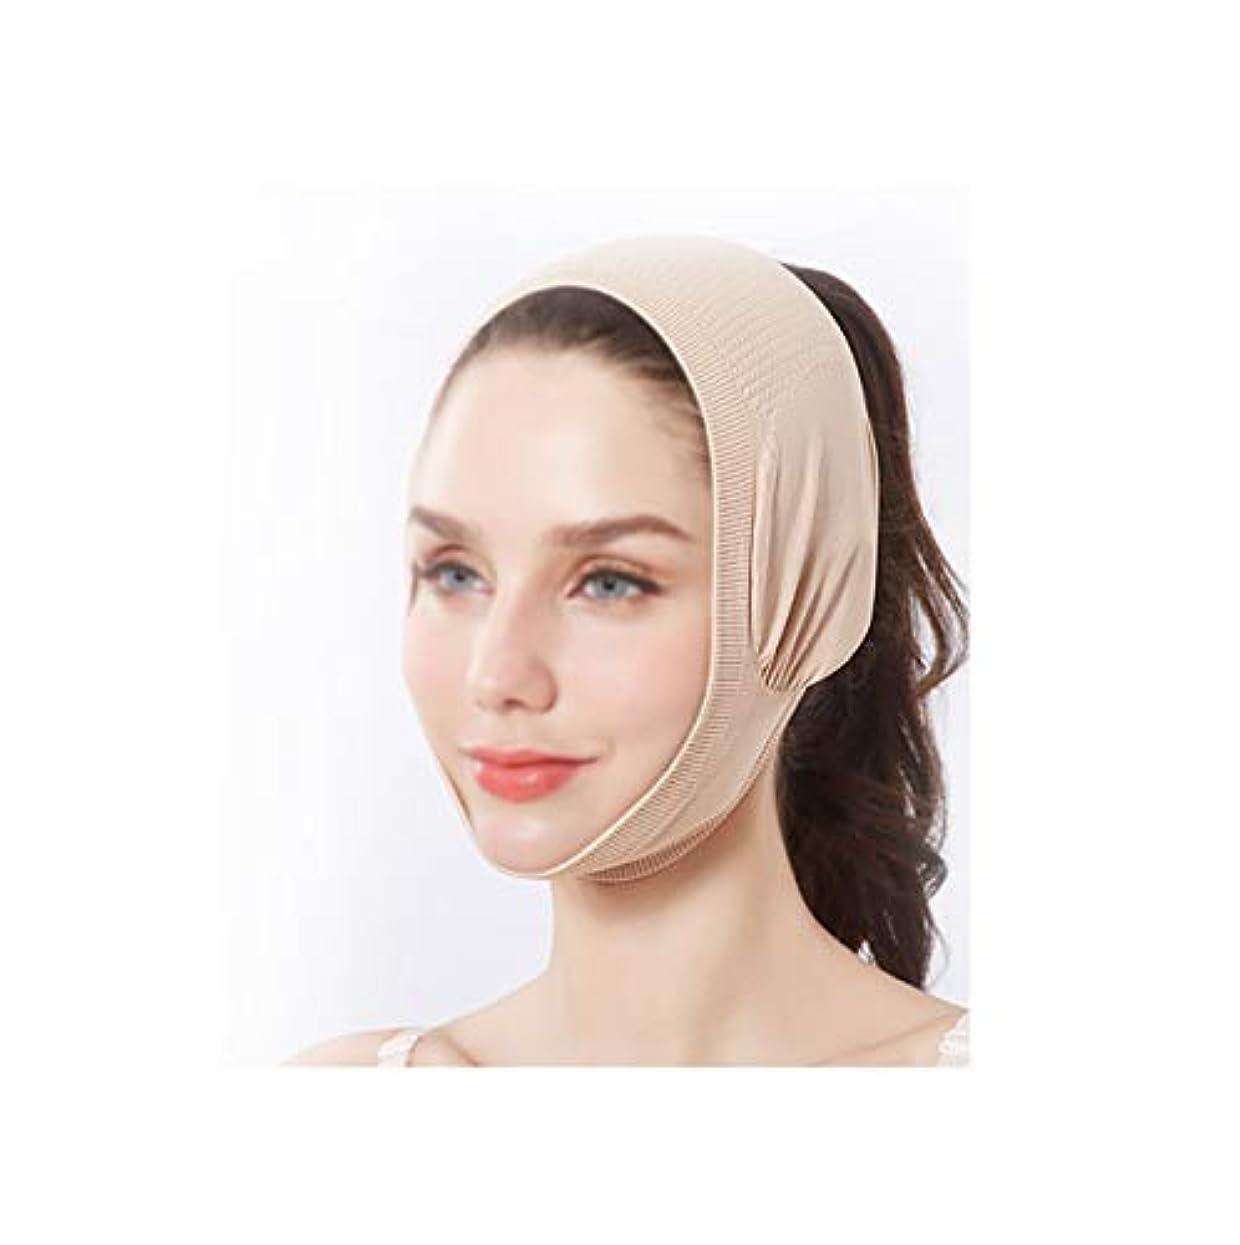 ジェームズダイソン展望台コメントTLMY フェイスリフトマスクマスクエクステンション強度フェースレス包帯フェイシャルラージVライン彫刻フェイシャルバックカバーネックバンド 顔用整形マスク (Color : Skin tone)